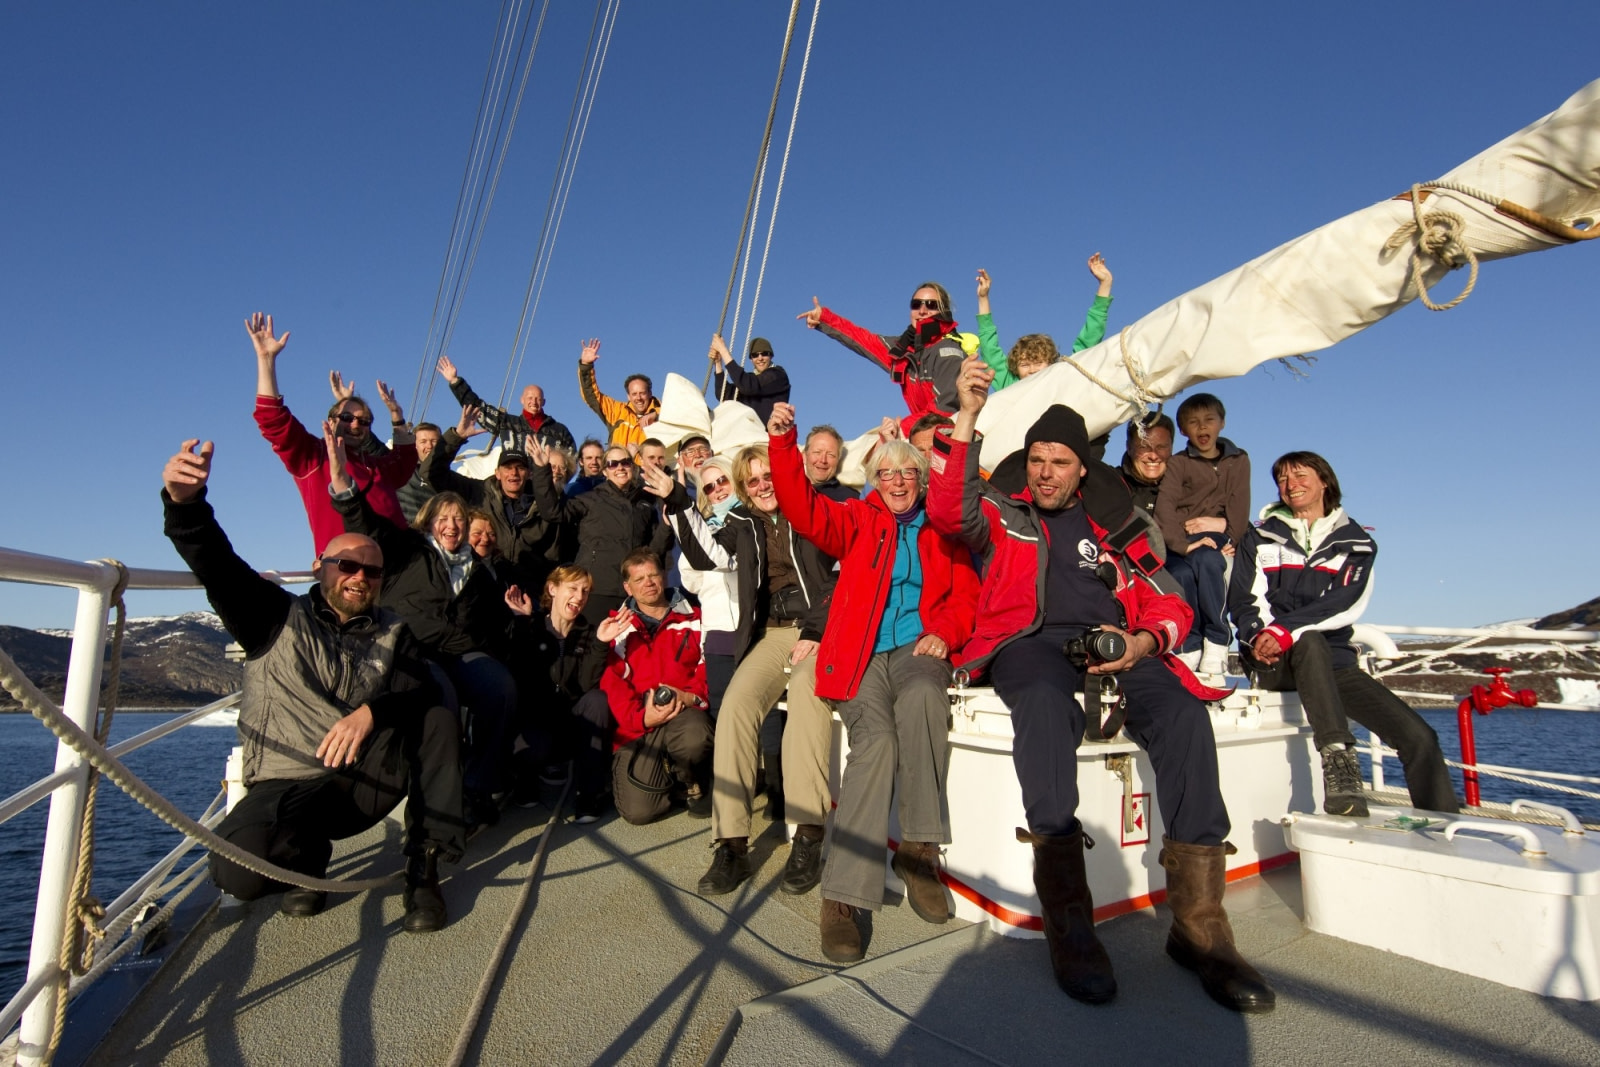 Sailing aboard s/v Rembrandt van Rijn